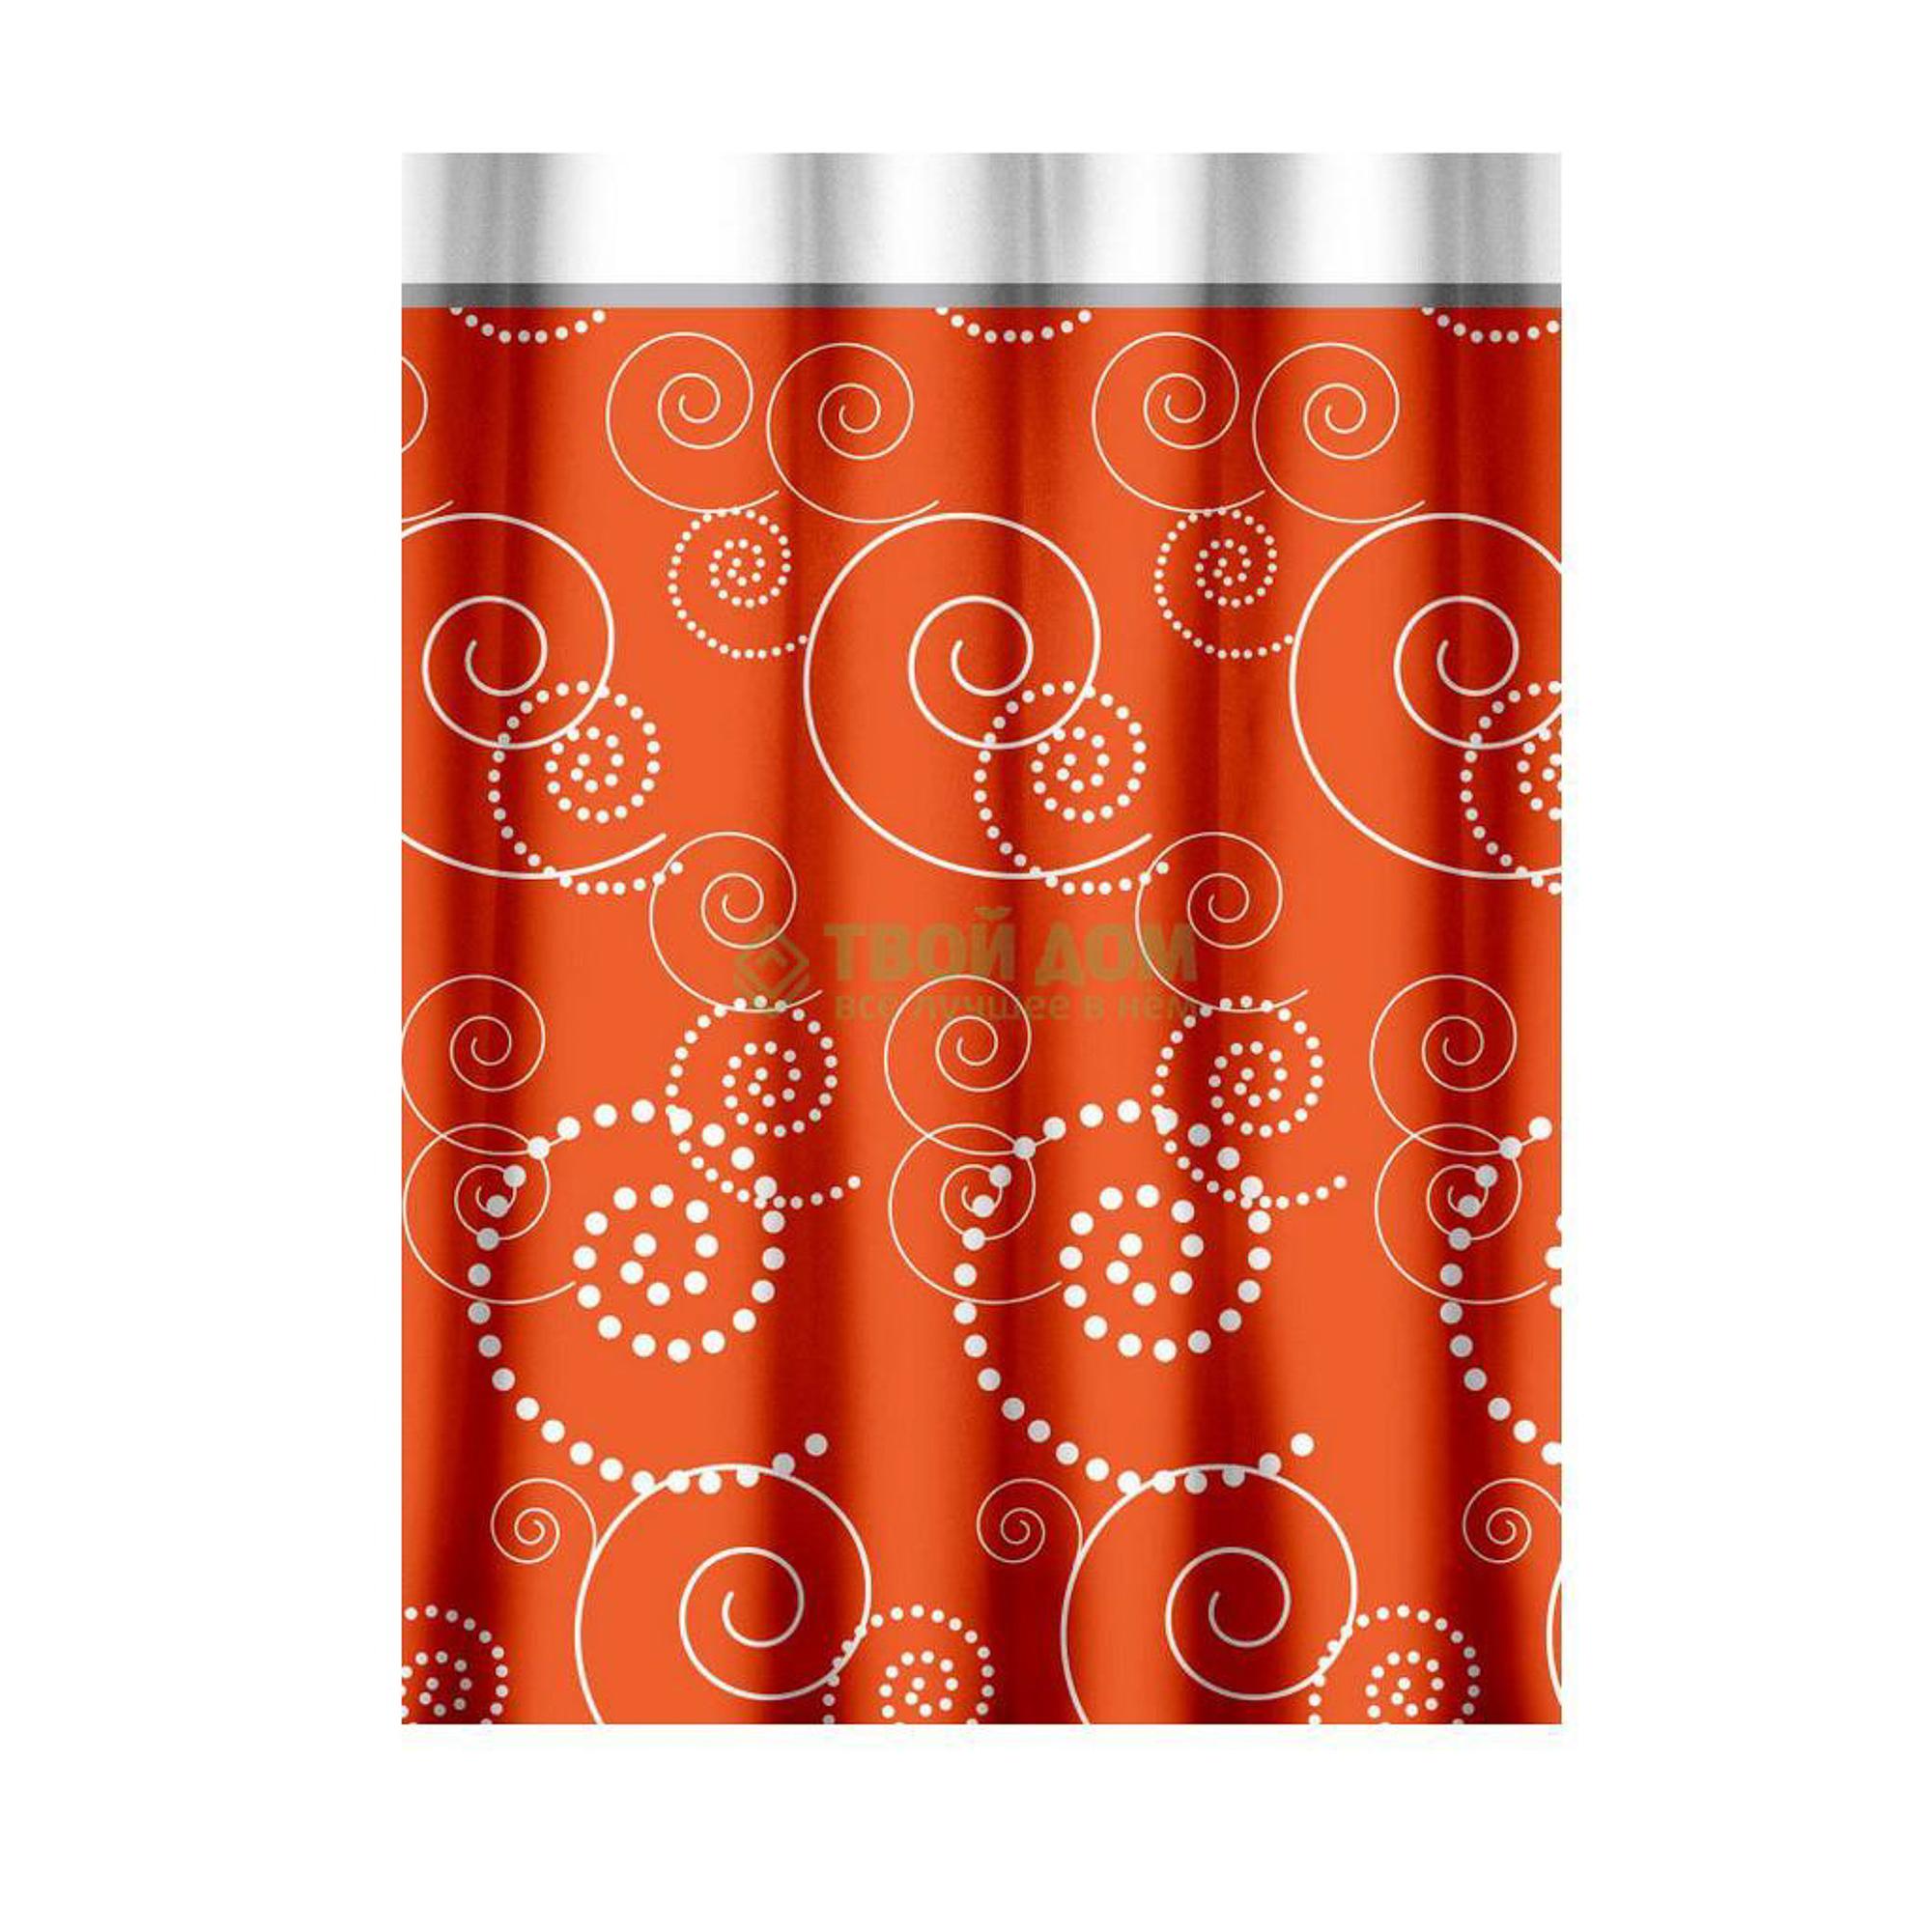 Штора для ванной комнаты Primanova Maison с спиральным рисунком (оранжевая)180х200 см стул для ванной primanova 36 26 см голубой